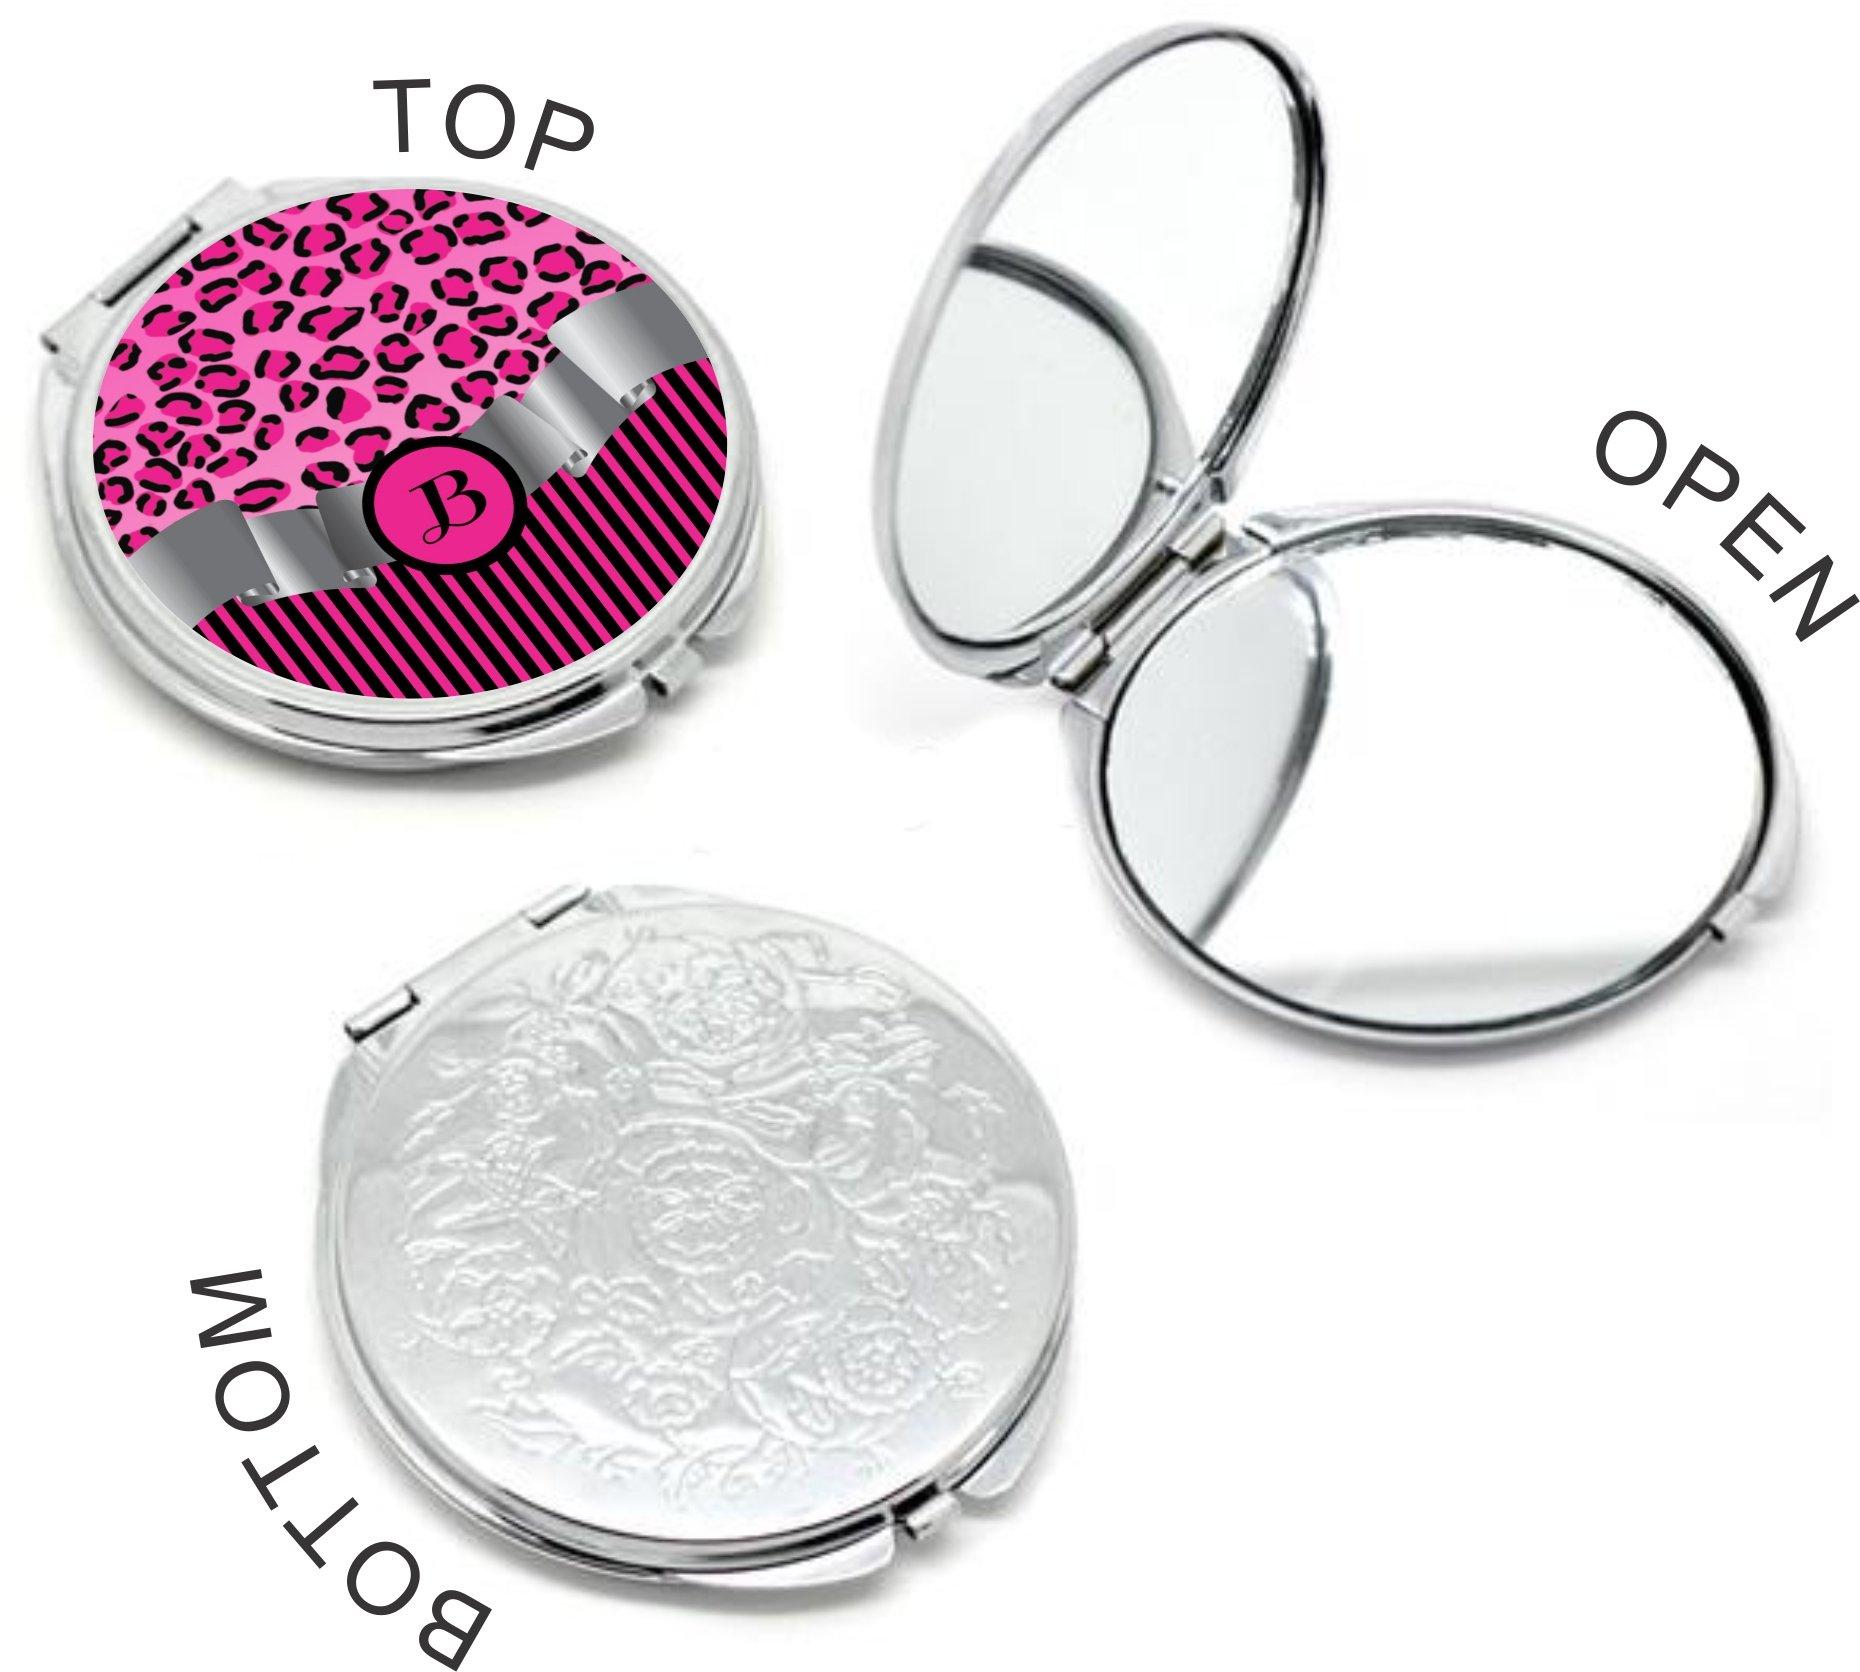 Rikki Knight Letter''B'' Hot Pink Leopard Print Stripes Monogram Design Round Compact Mirror